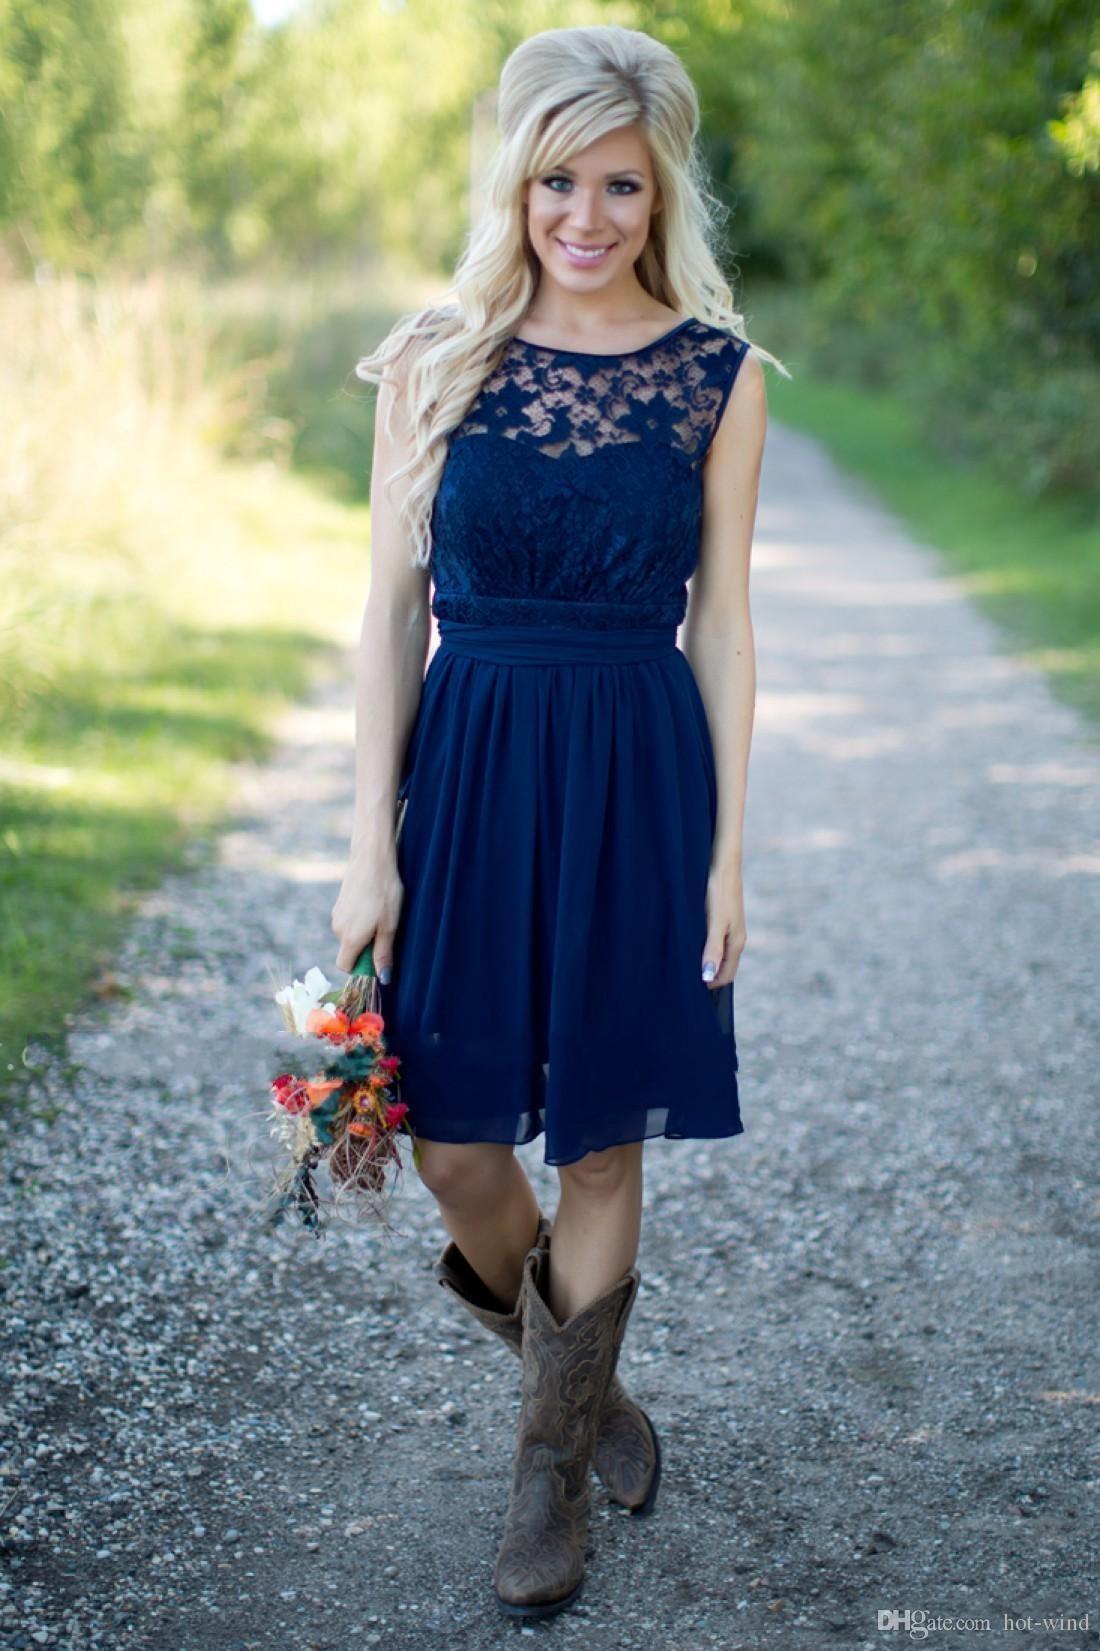 Ülke Tarzı 2020 Kraliyet Mavi Diz Boyu Dantel Şifon Gelinlik Modelleri Düğün için Ucuz Mücevher Backless Fermuar Geri Yaz Plaj Elbiseler